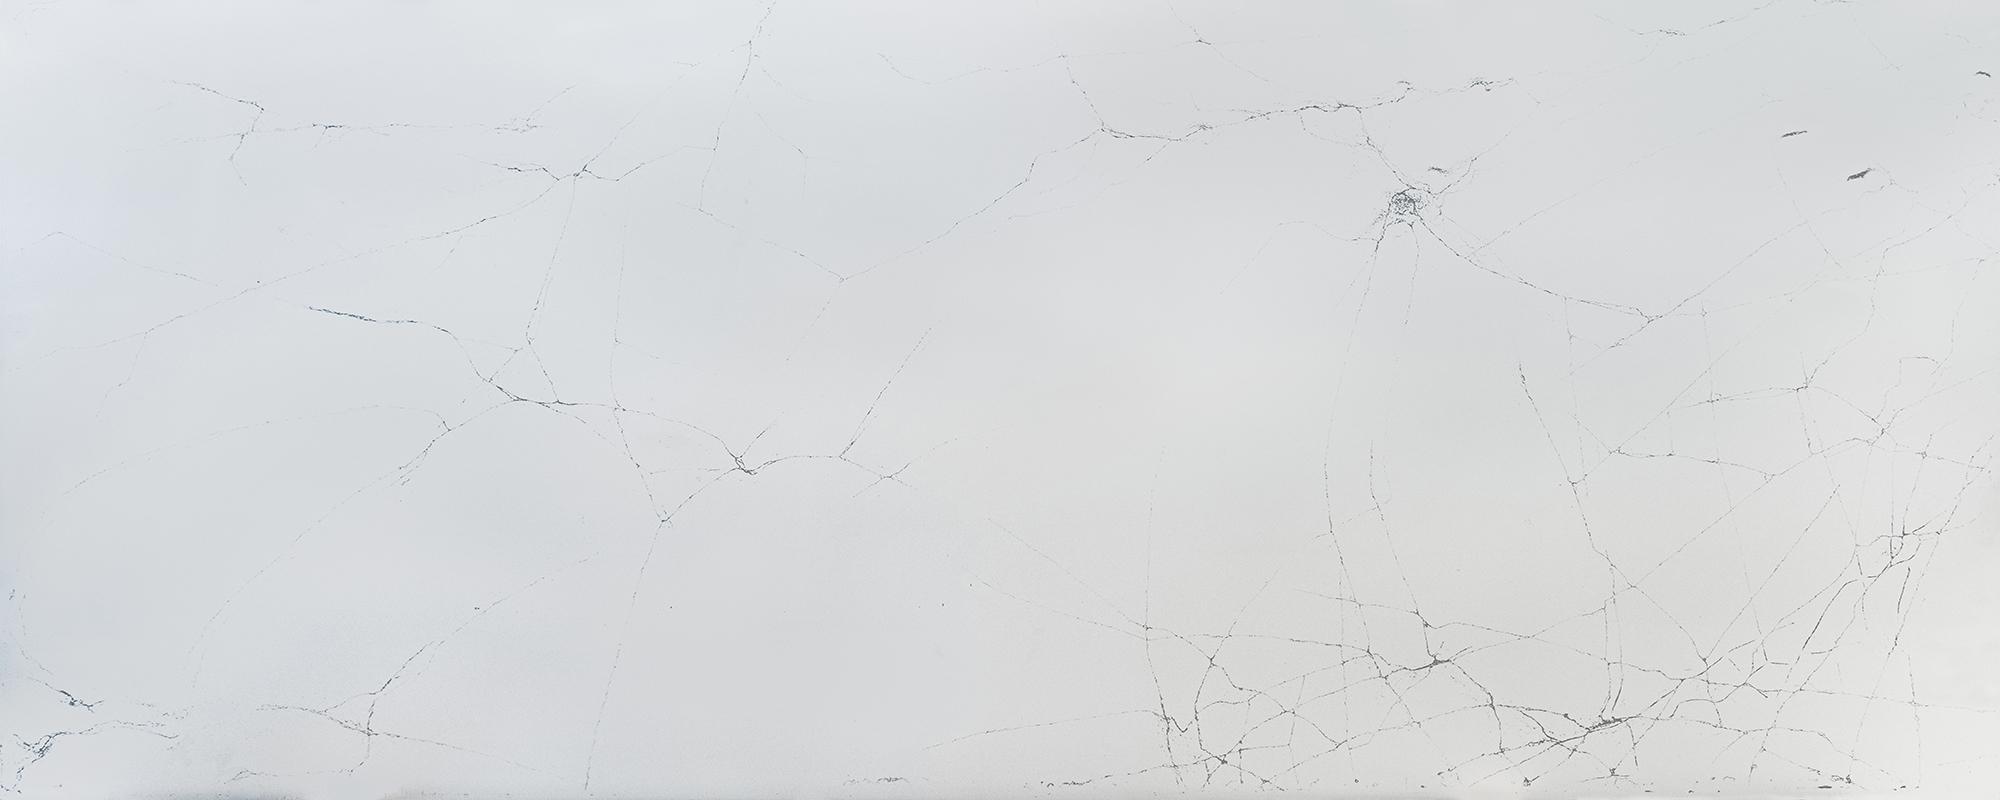 Cobweb Quartz Texture